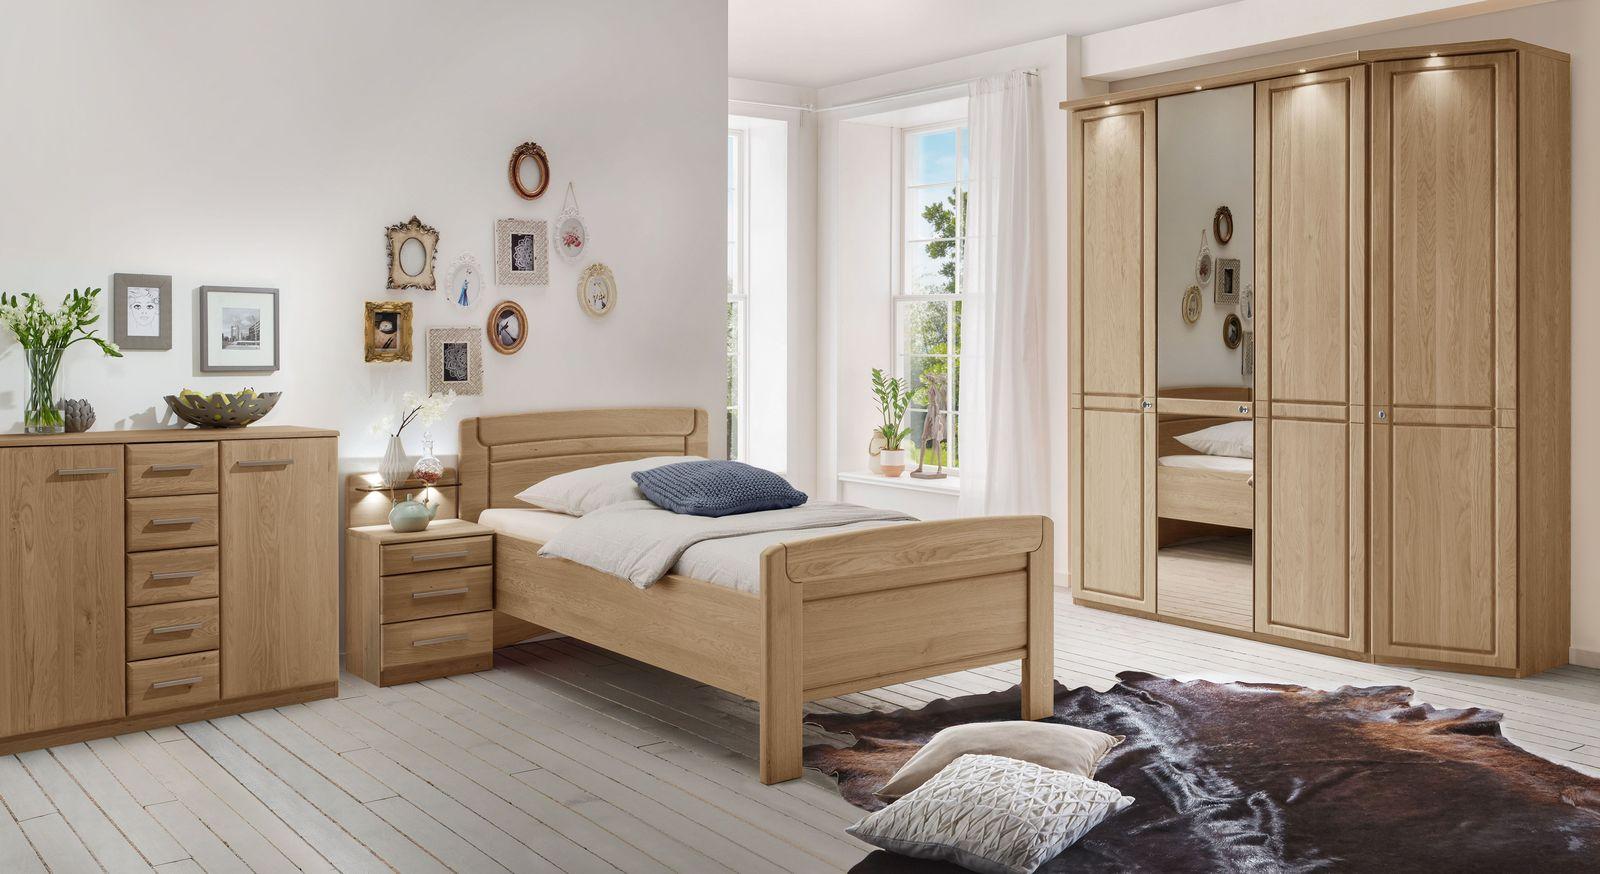 Schlafzimmer Hazleton mit Senioren gerechten Möbeln